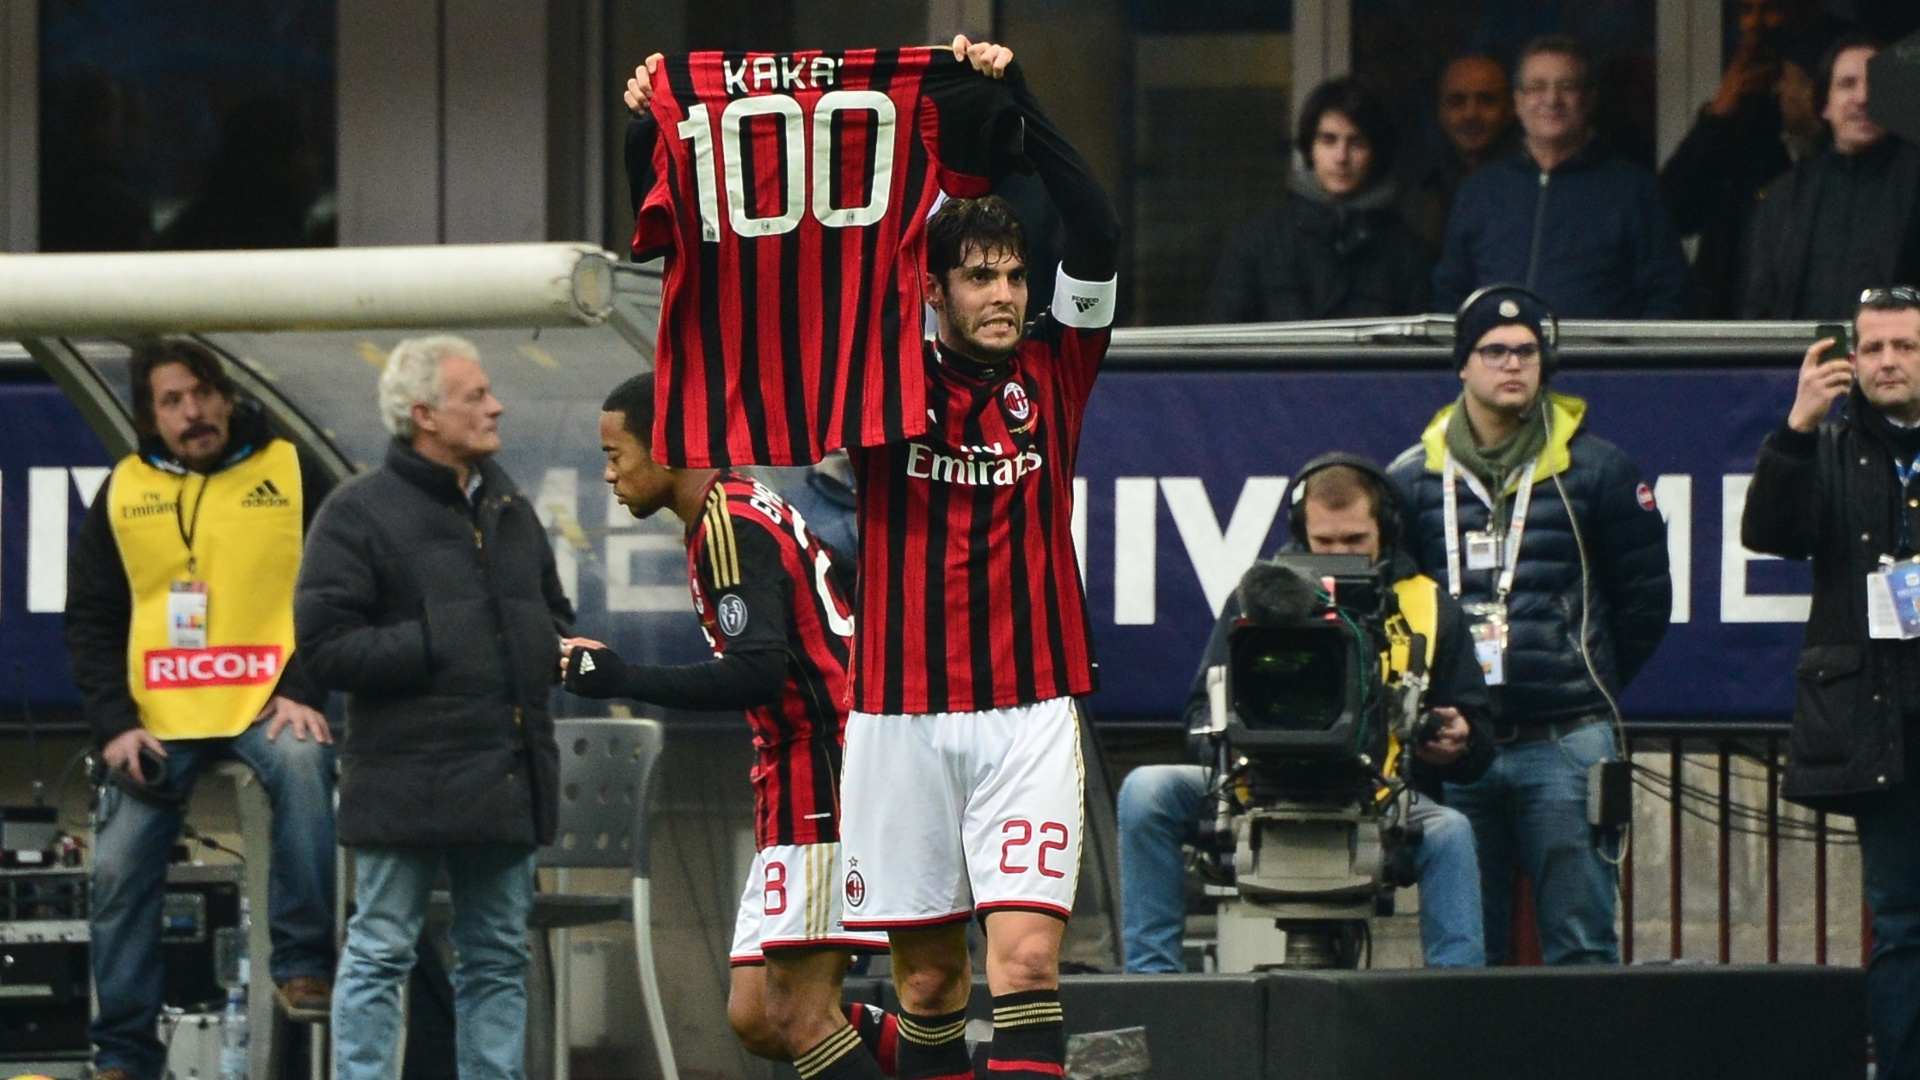 6.jan.2014 - Kaká exibe camisa comemorativa após marcar seu centésimo gol pelo Milan contra o Atalanta